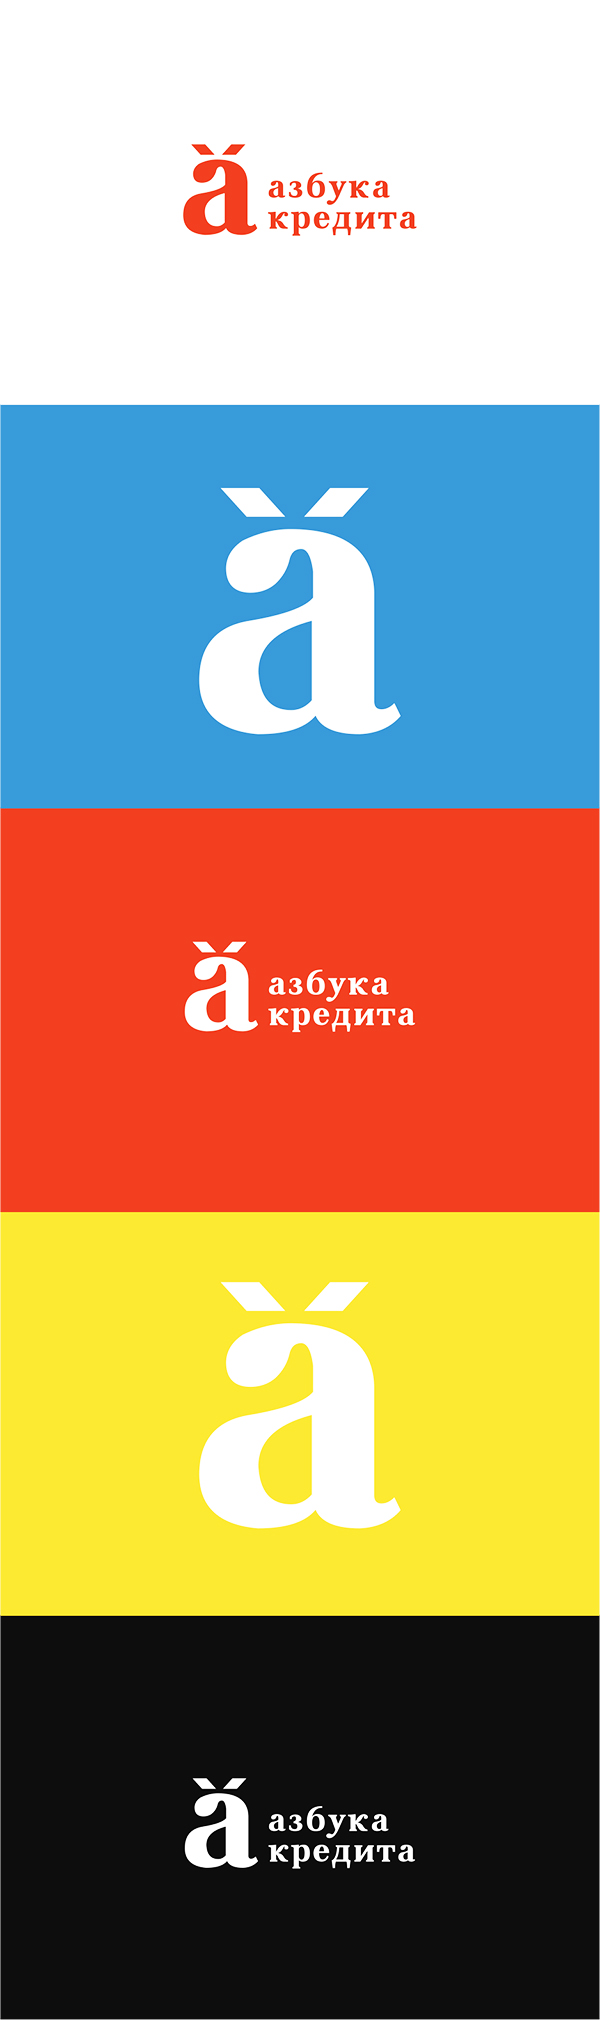 Разработать логотип для финансовой компании фото f_9315de958ed5fd40.jpg